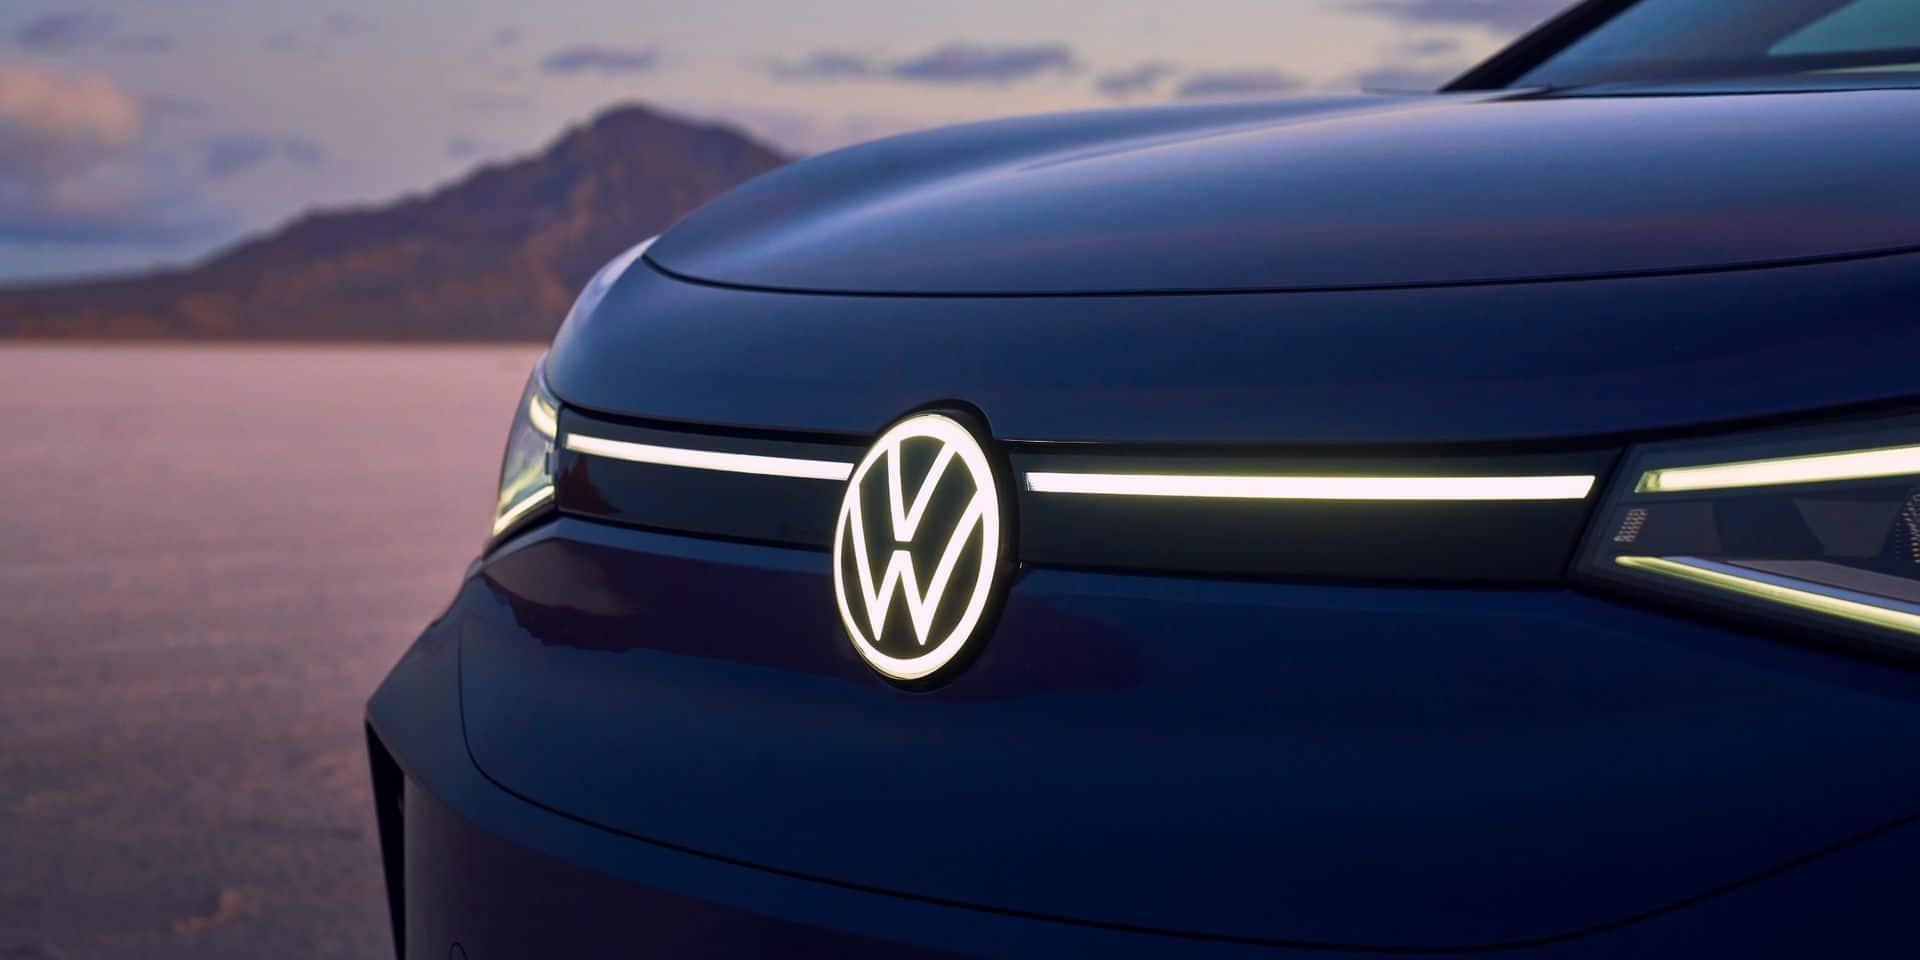 Poisson d'avril de Volkswagen: une enquête ouverte après le bad buzz